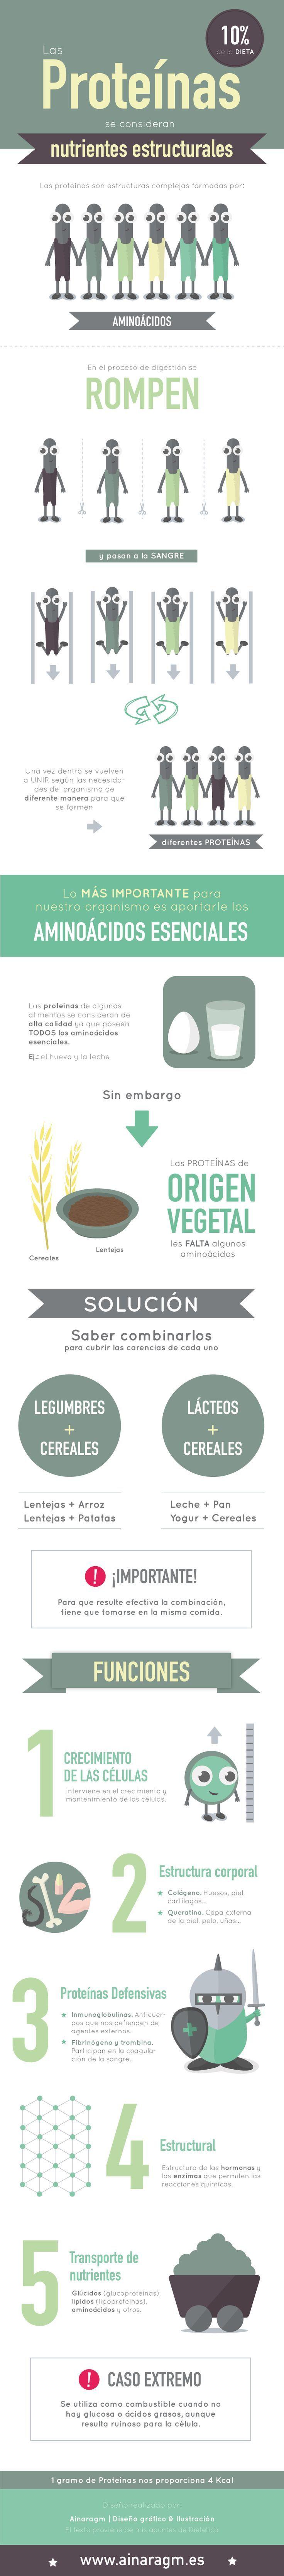 ¿Que son las proteínas y cuáles son sus funciones? #infografia #proteinas